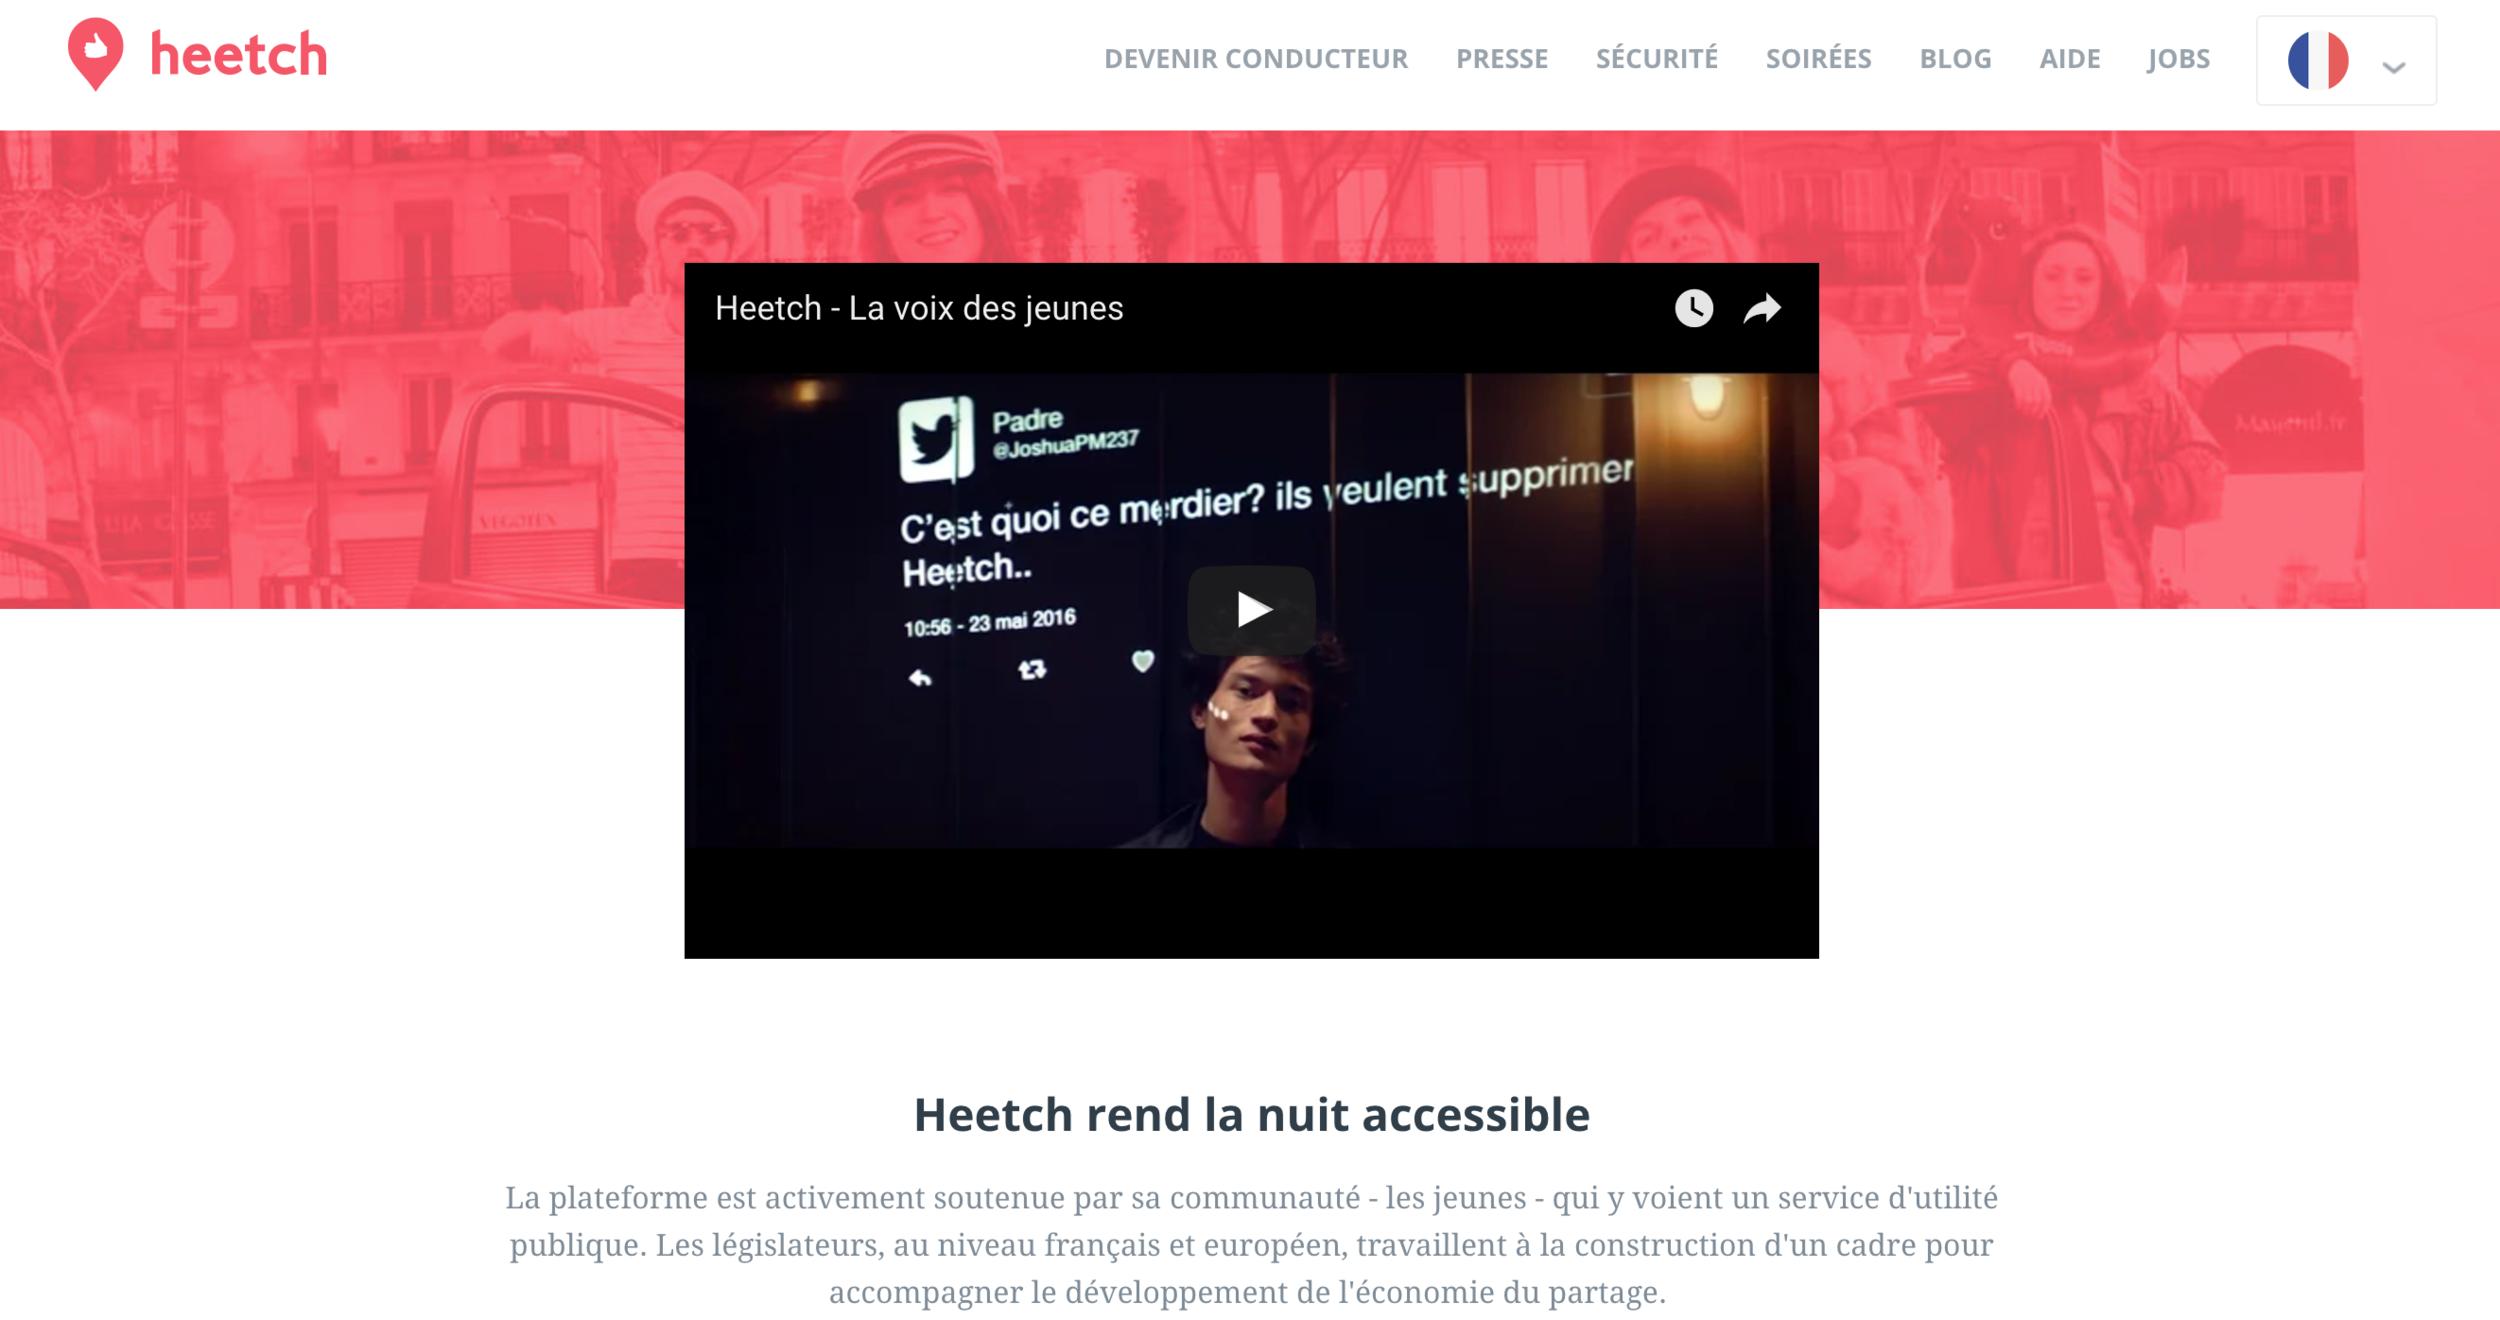 Capture d'écran du site Heetch